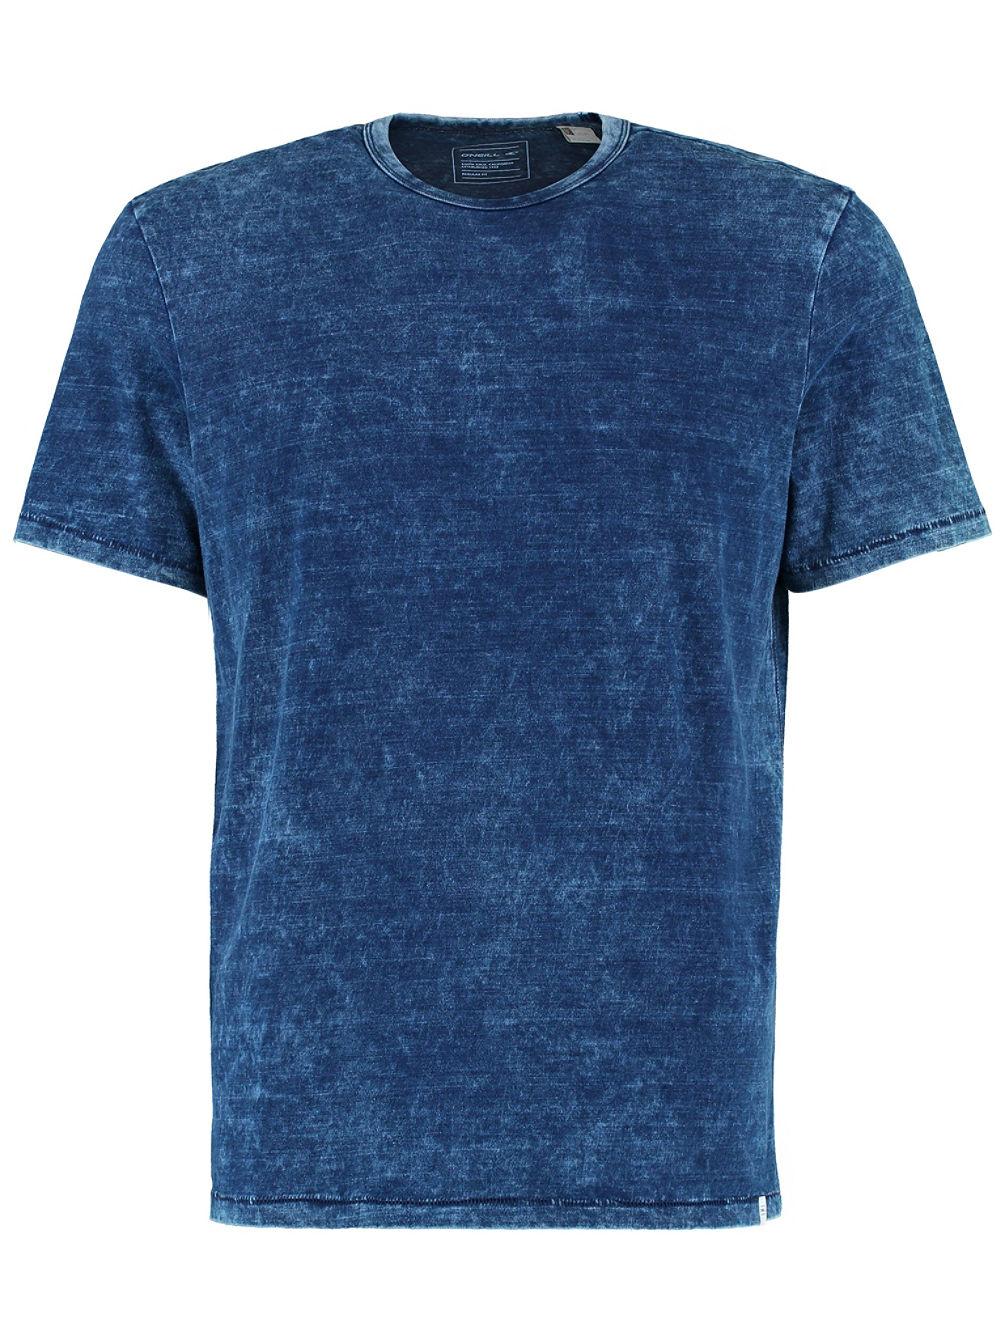 O 39 neill blue ocean t shirt online kaufen bei blue for Ocean blue t shirt